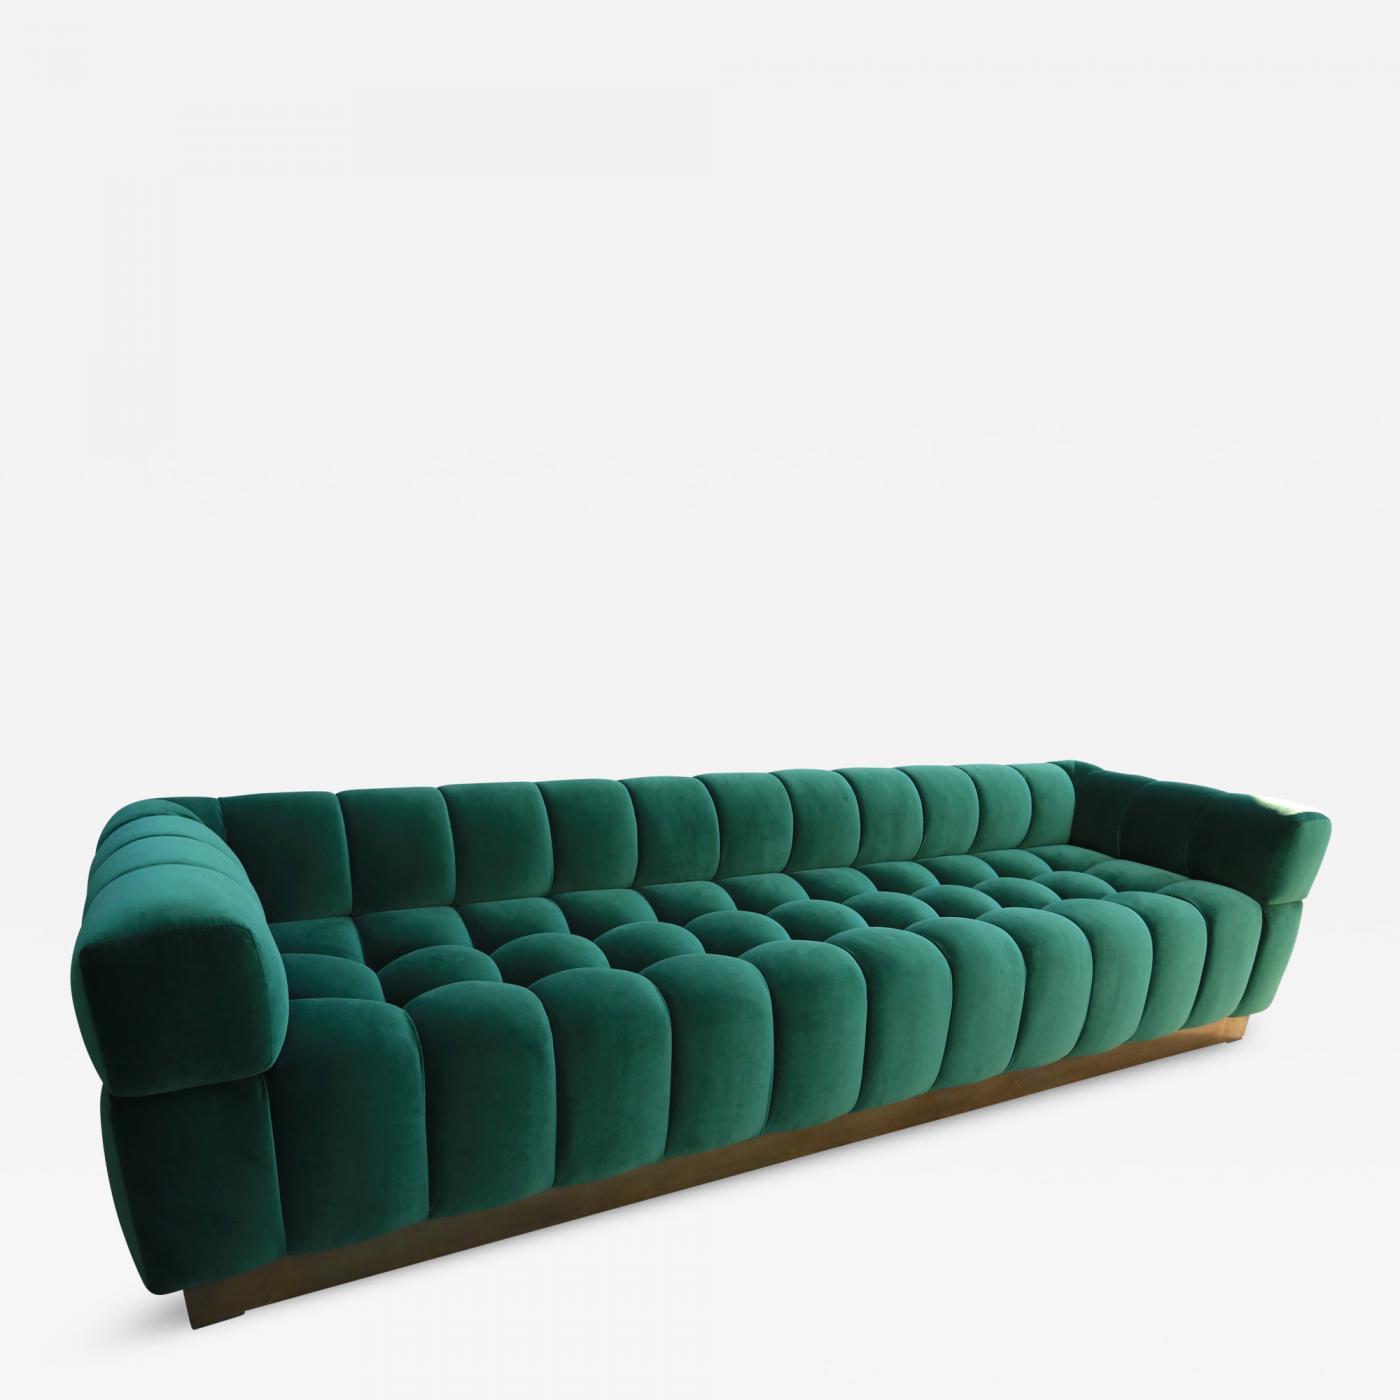 Custom Tufted Green Velvet Sofa with Brass Base